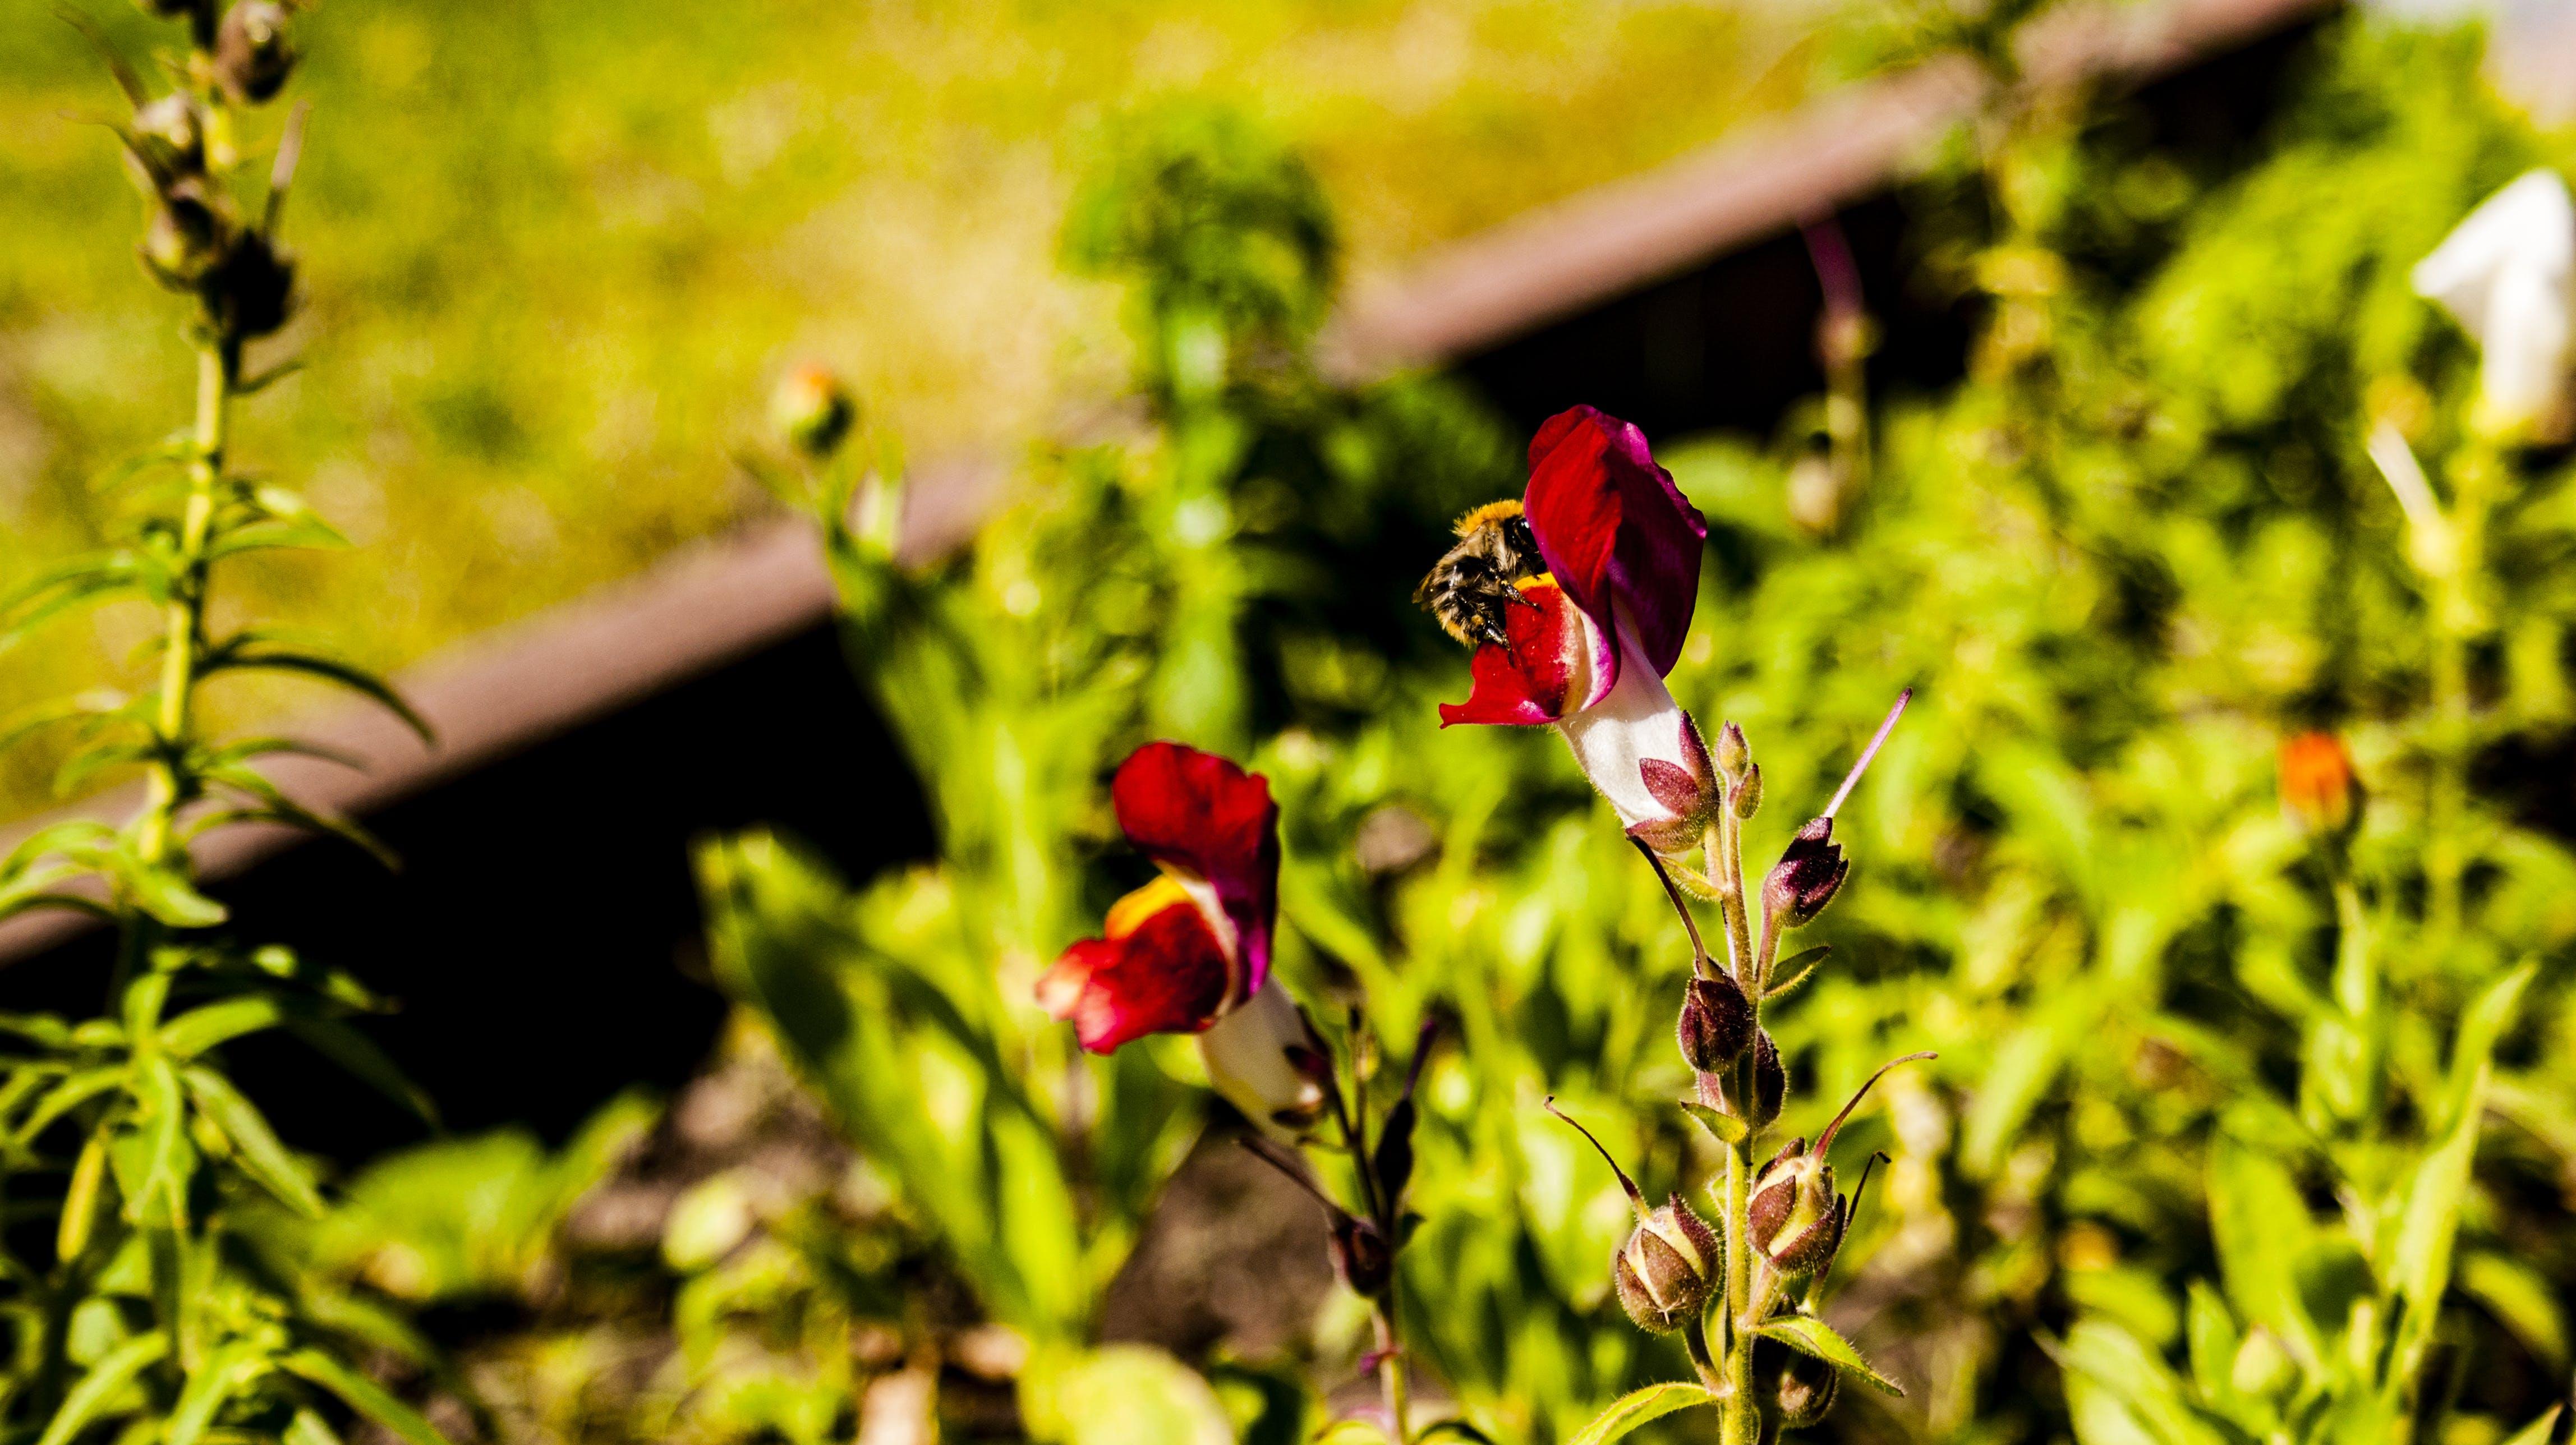 Δωρεάν στοκ φωτογραφιών με λουλούδι, μέλισσα